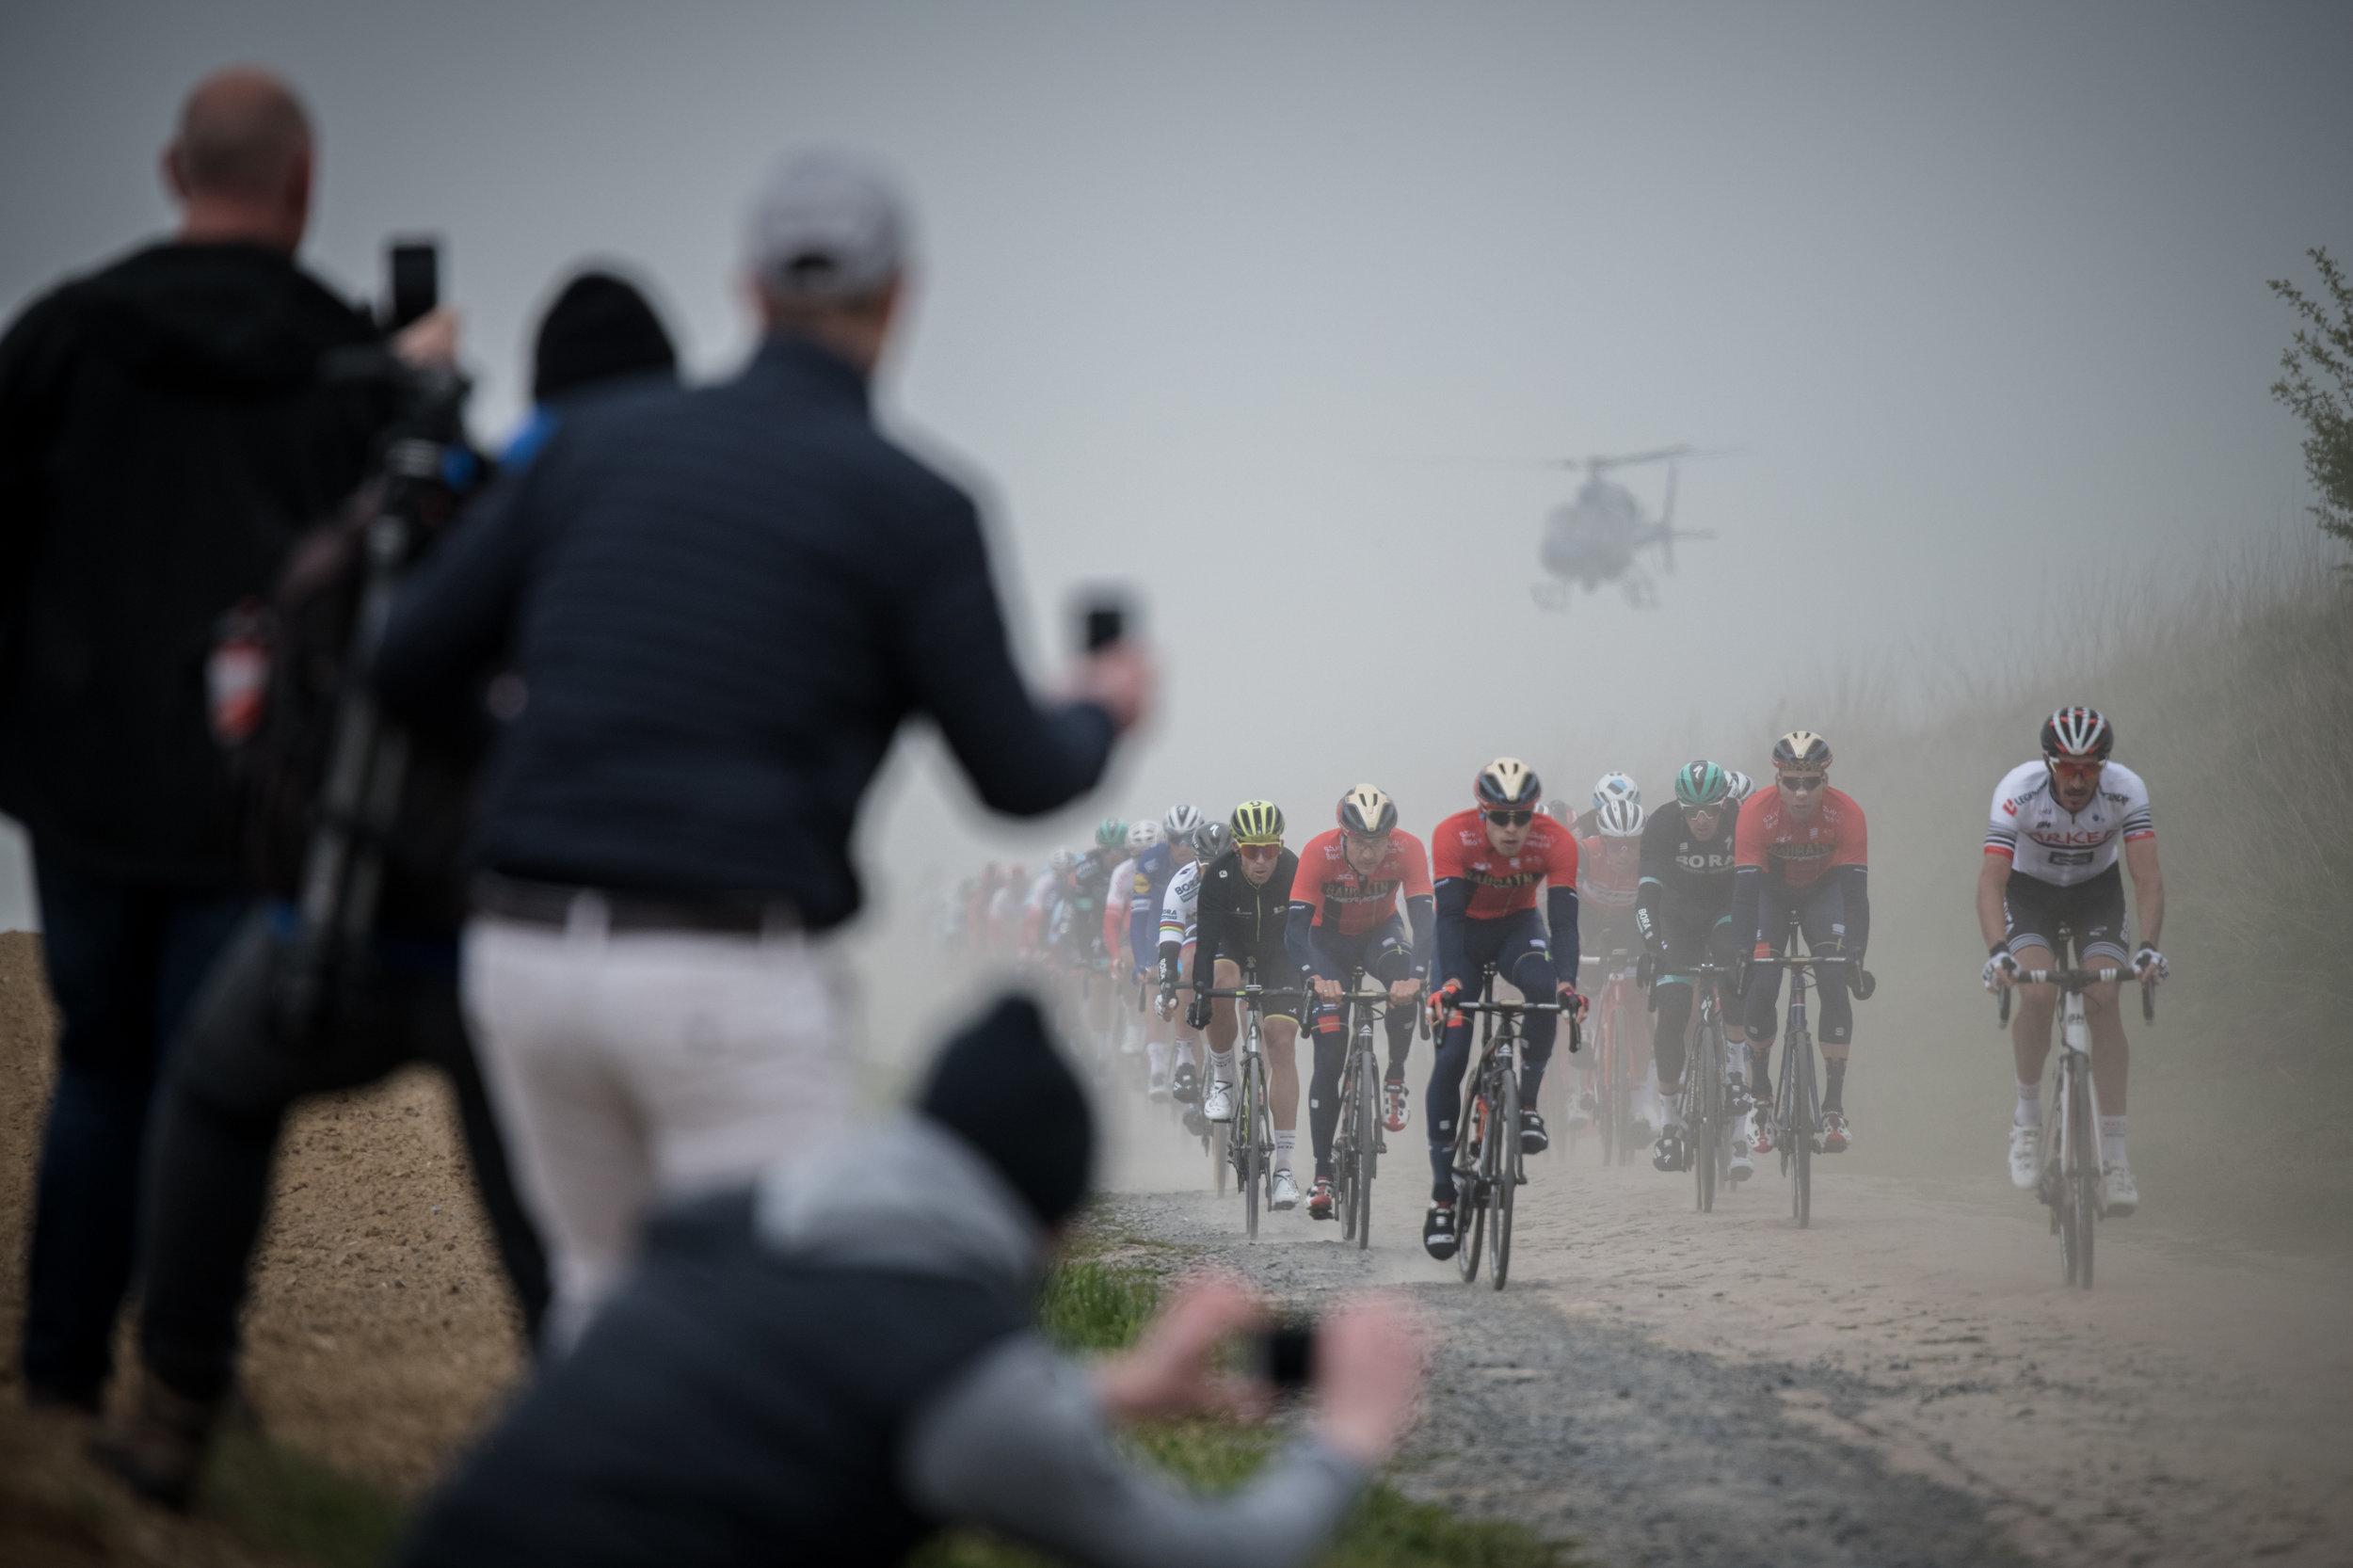 Paris_Roubaix (1 of 1).jpg